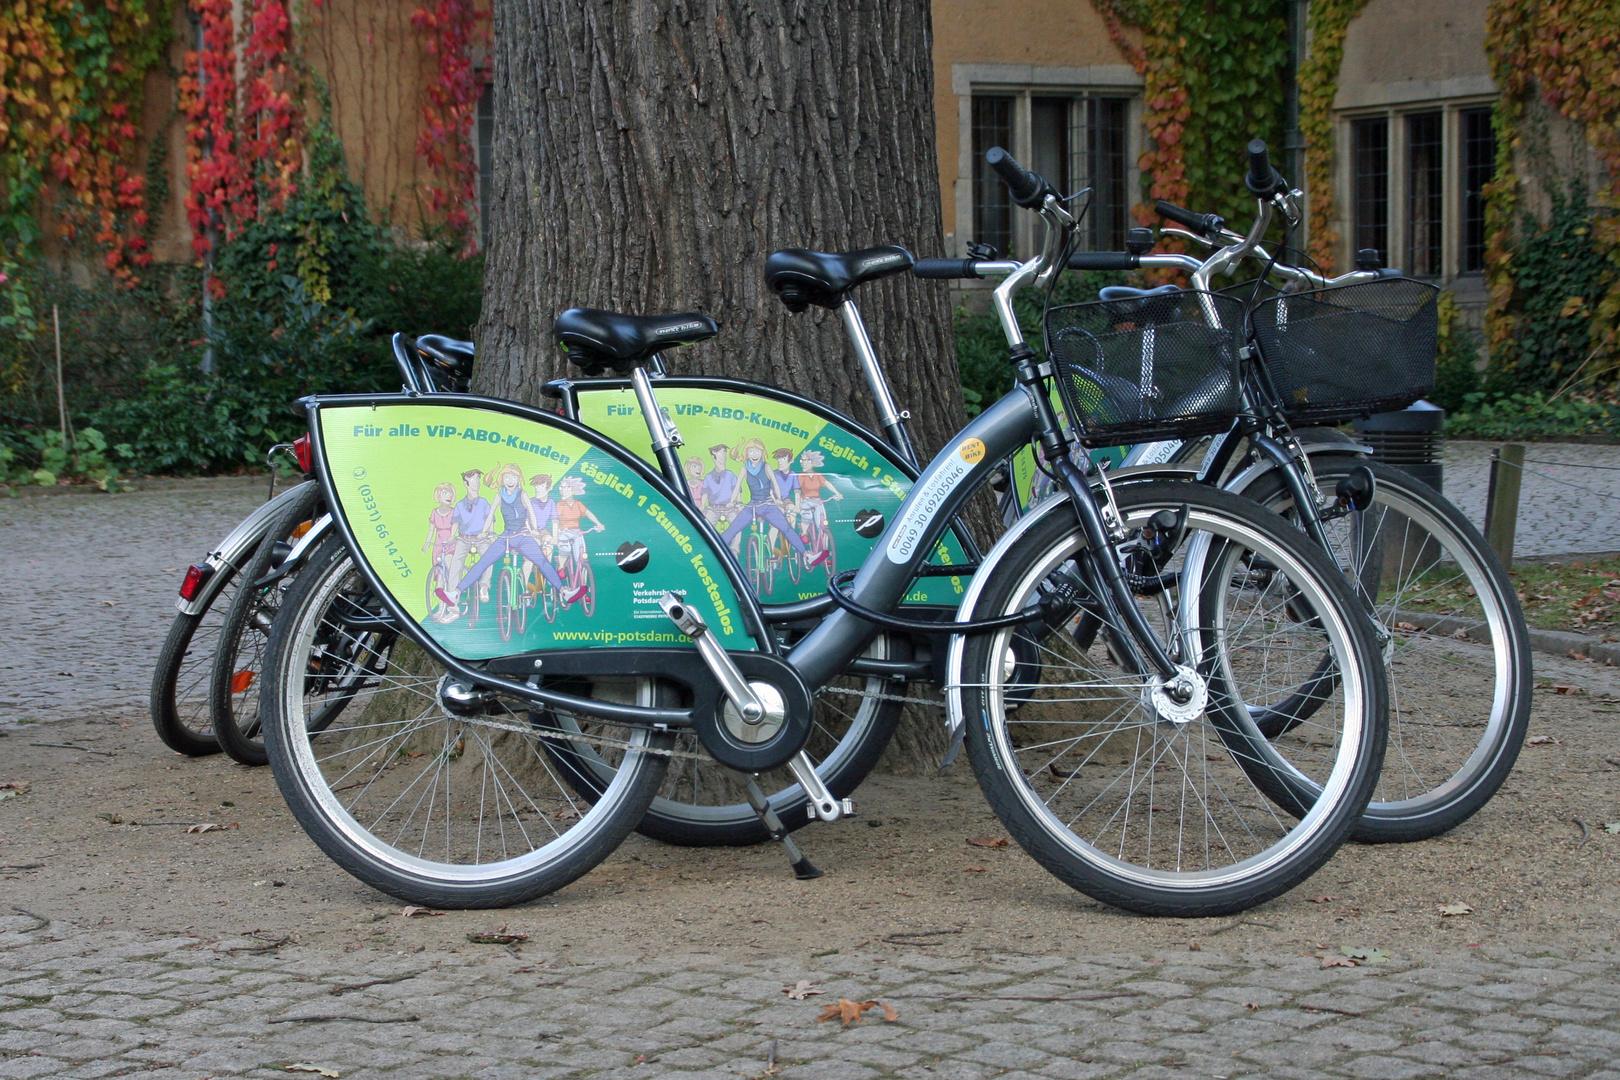 Räder für ViP